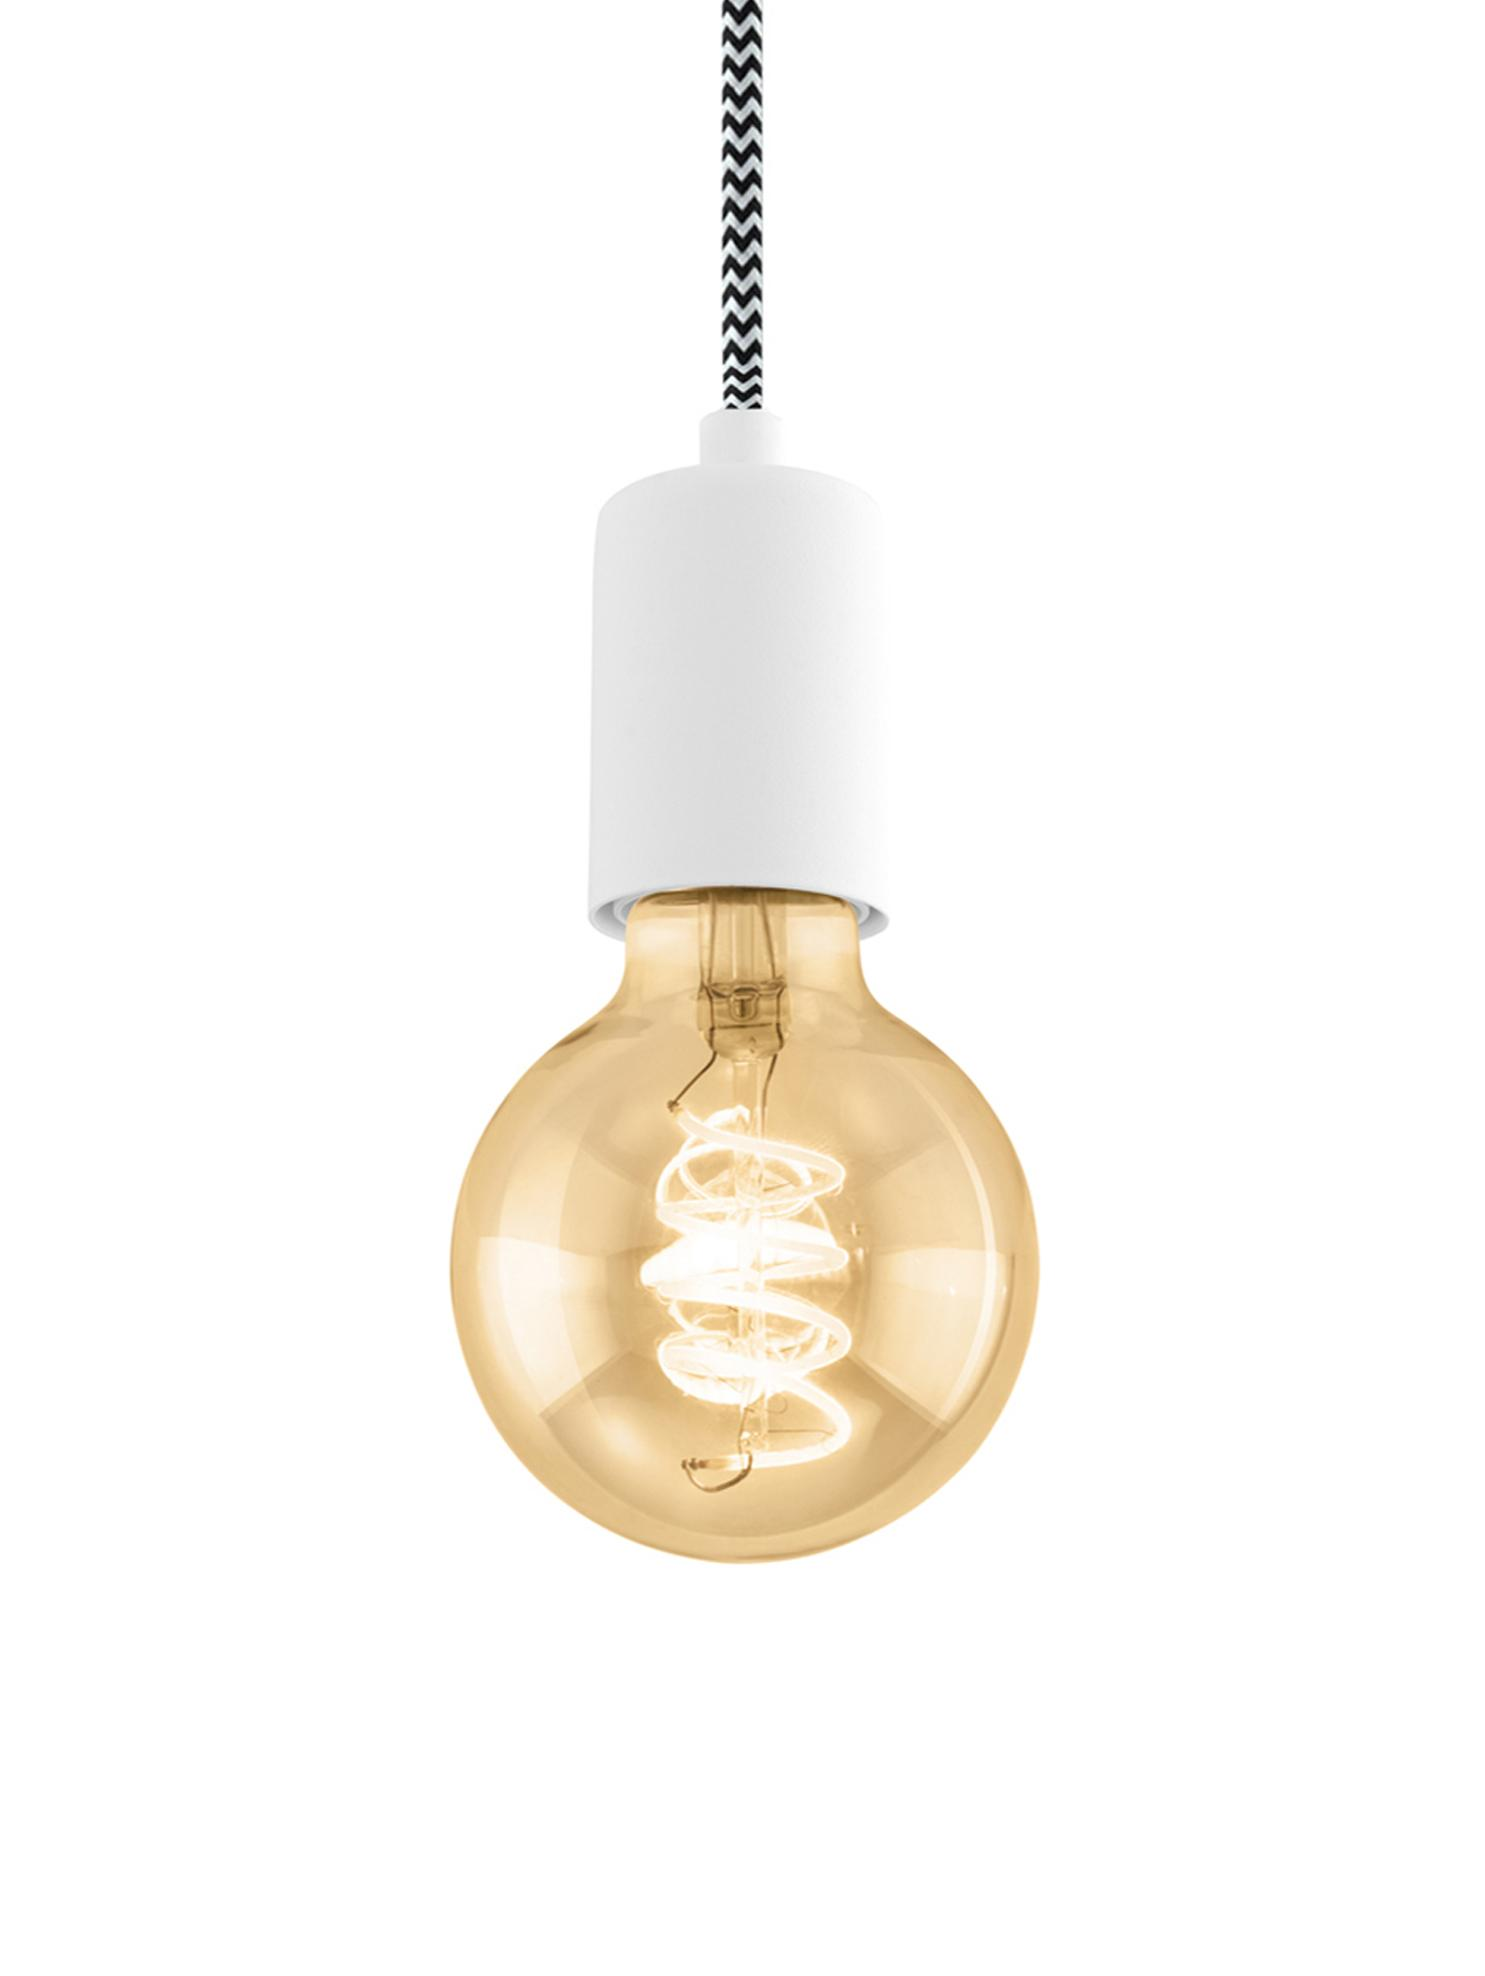 Lámpara de techo Trey, Anclaje: metal con pintura en polv, Cable: cubierto en tela, Blanco mate, Ø 10 x Al 8 cm